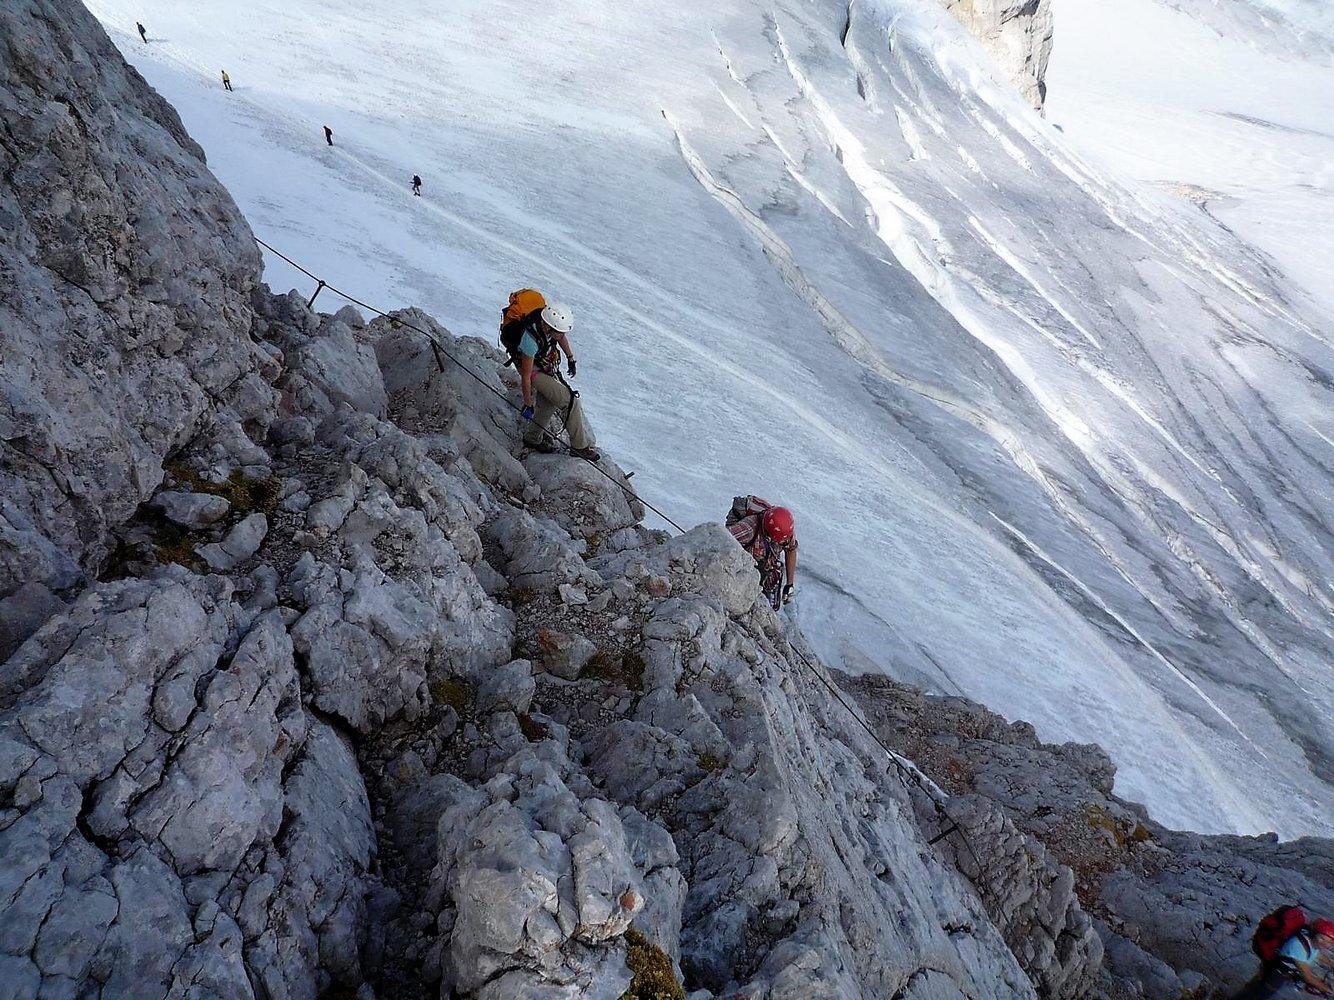 Klettersteig Dachstein : Skurriler grenzbau dachstein klettersteig droht der abriss